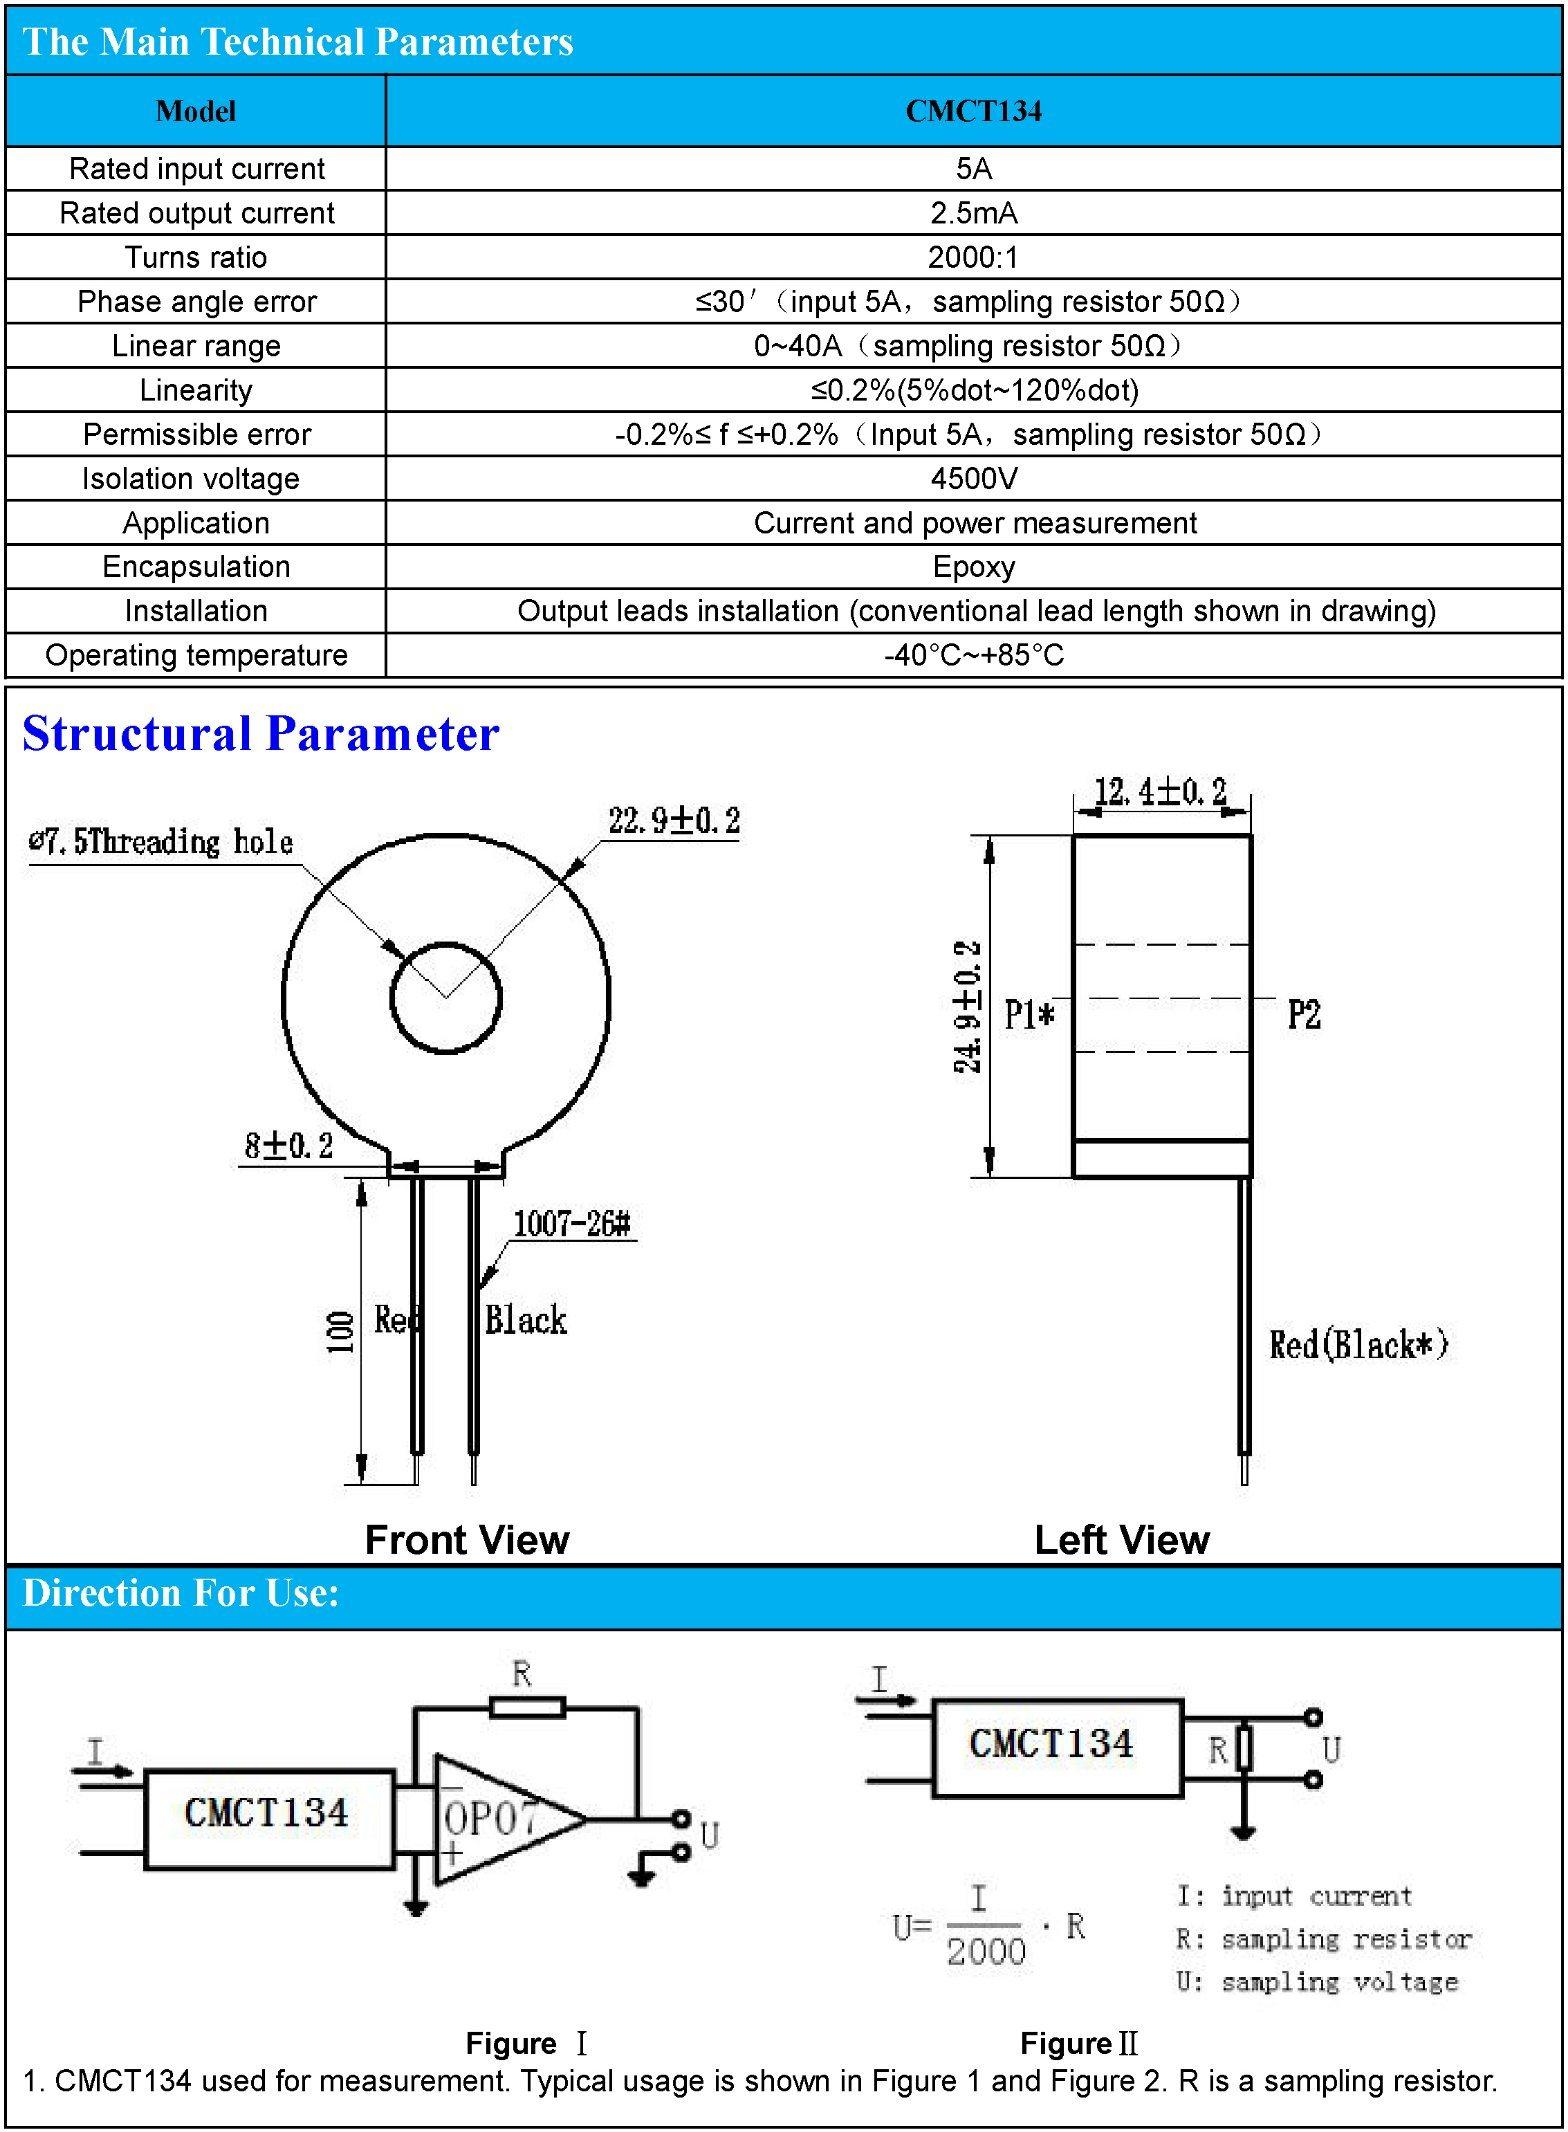 AC Current Transformer 2000: 1 5A/2.5mA